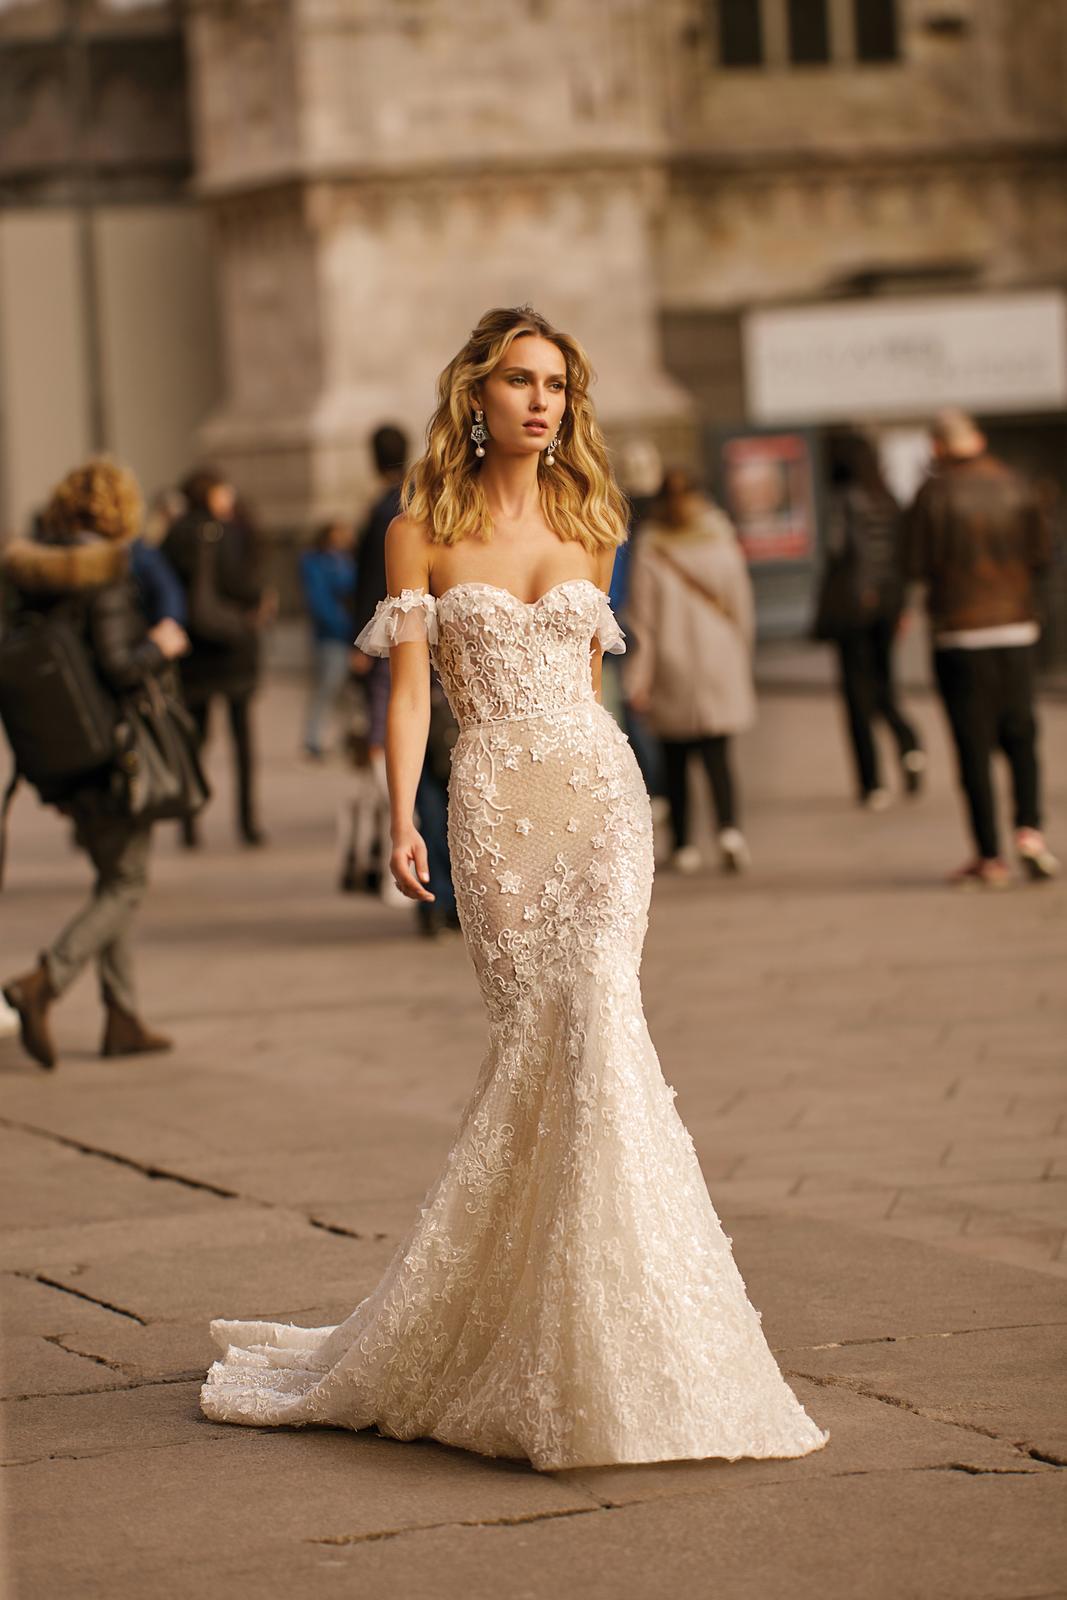 Svadobné šaty jar/leto 2020 BERTA Miláno - Obrázok č. 28